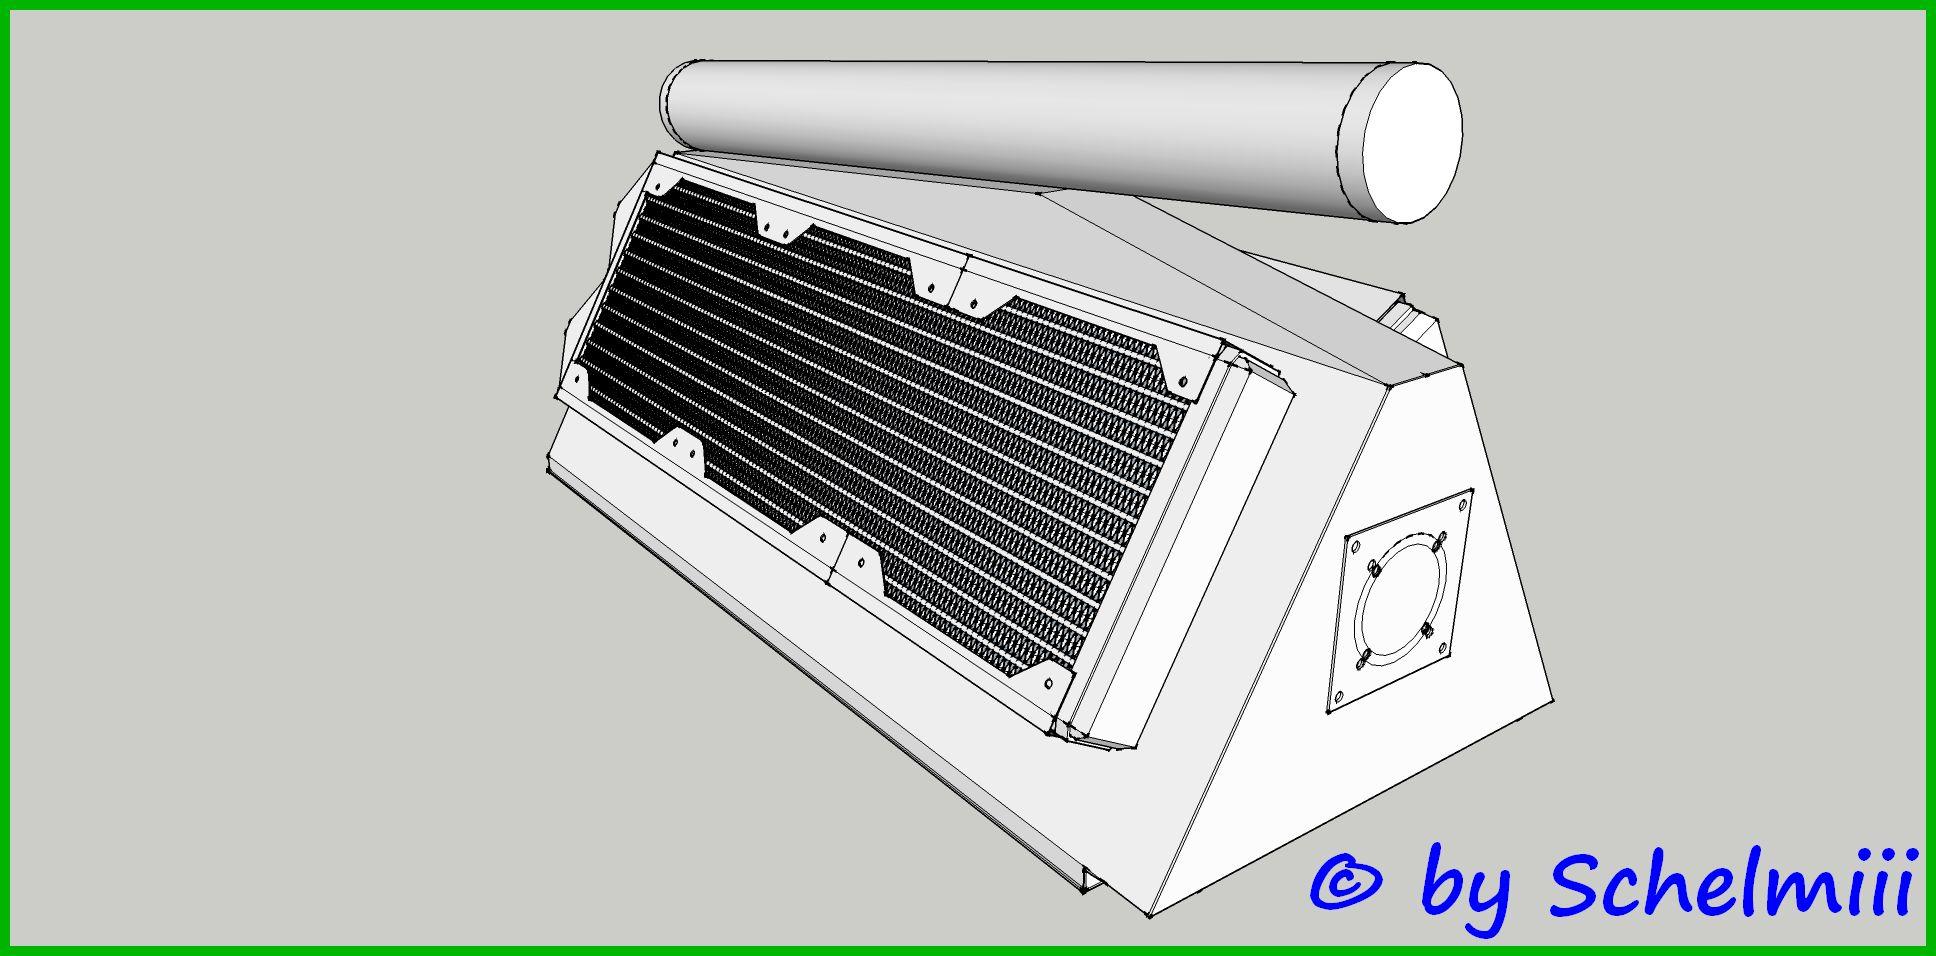 -dachversion3mit-la-fter-radi-filter-agb4_-arc.mod.byschelmiii-.jpg